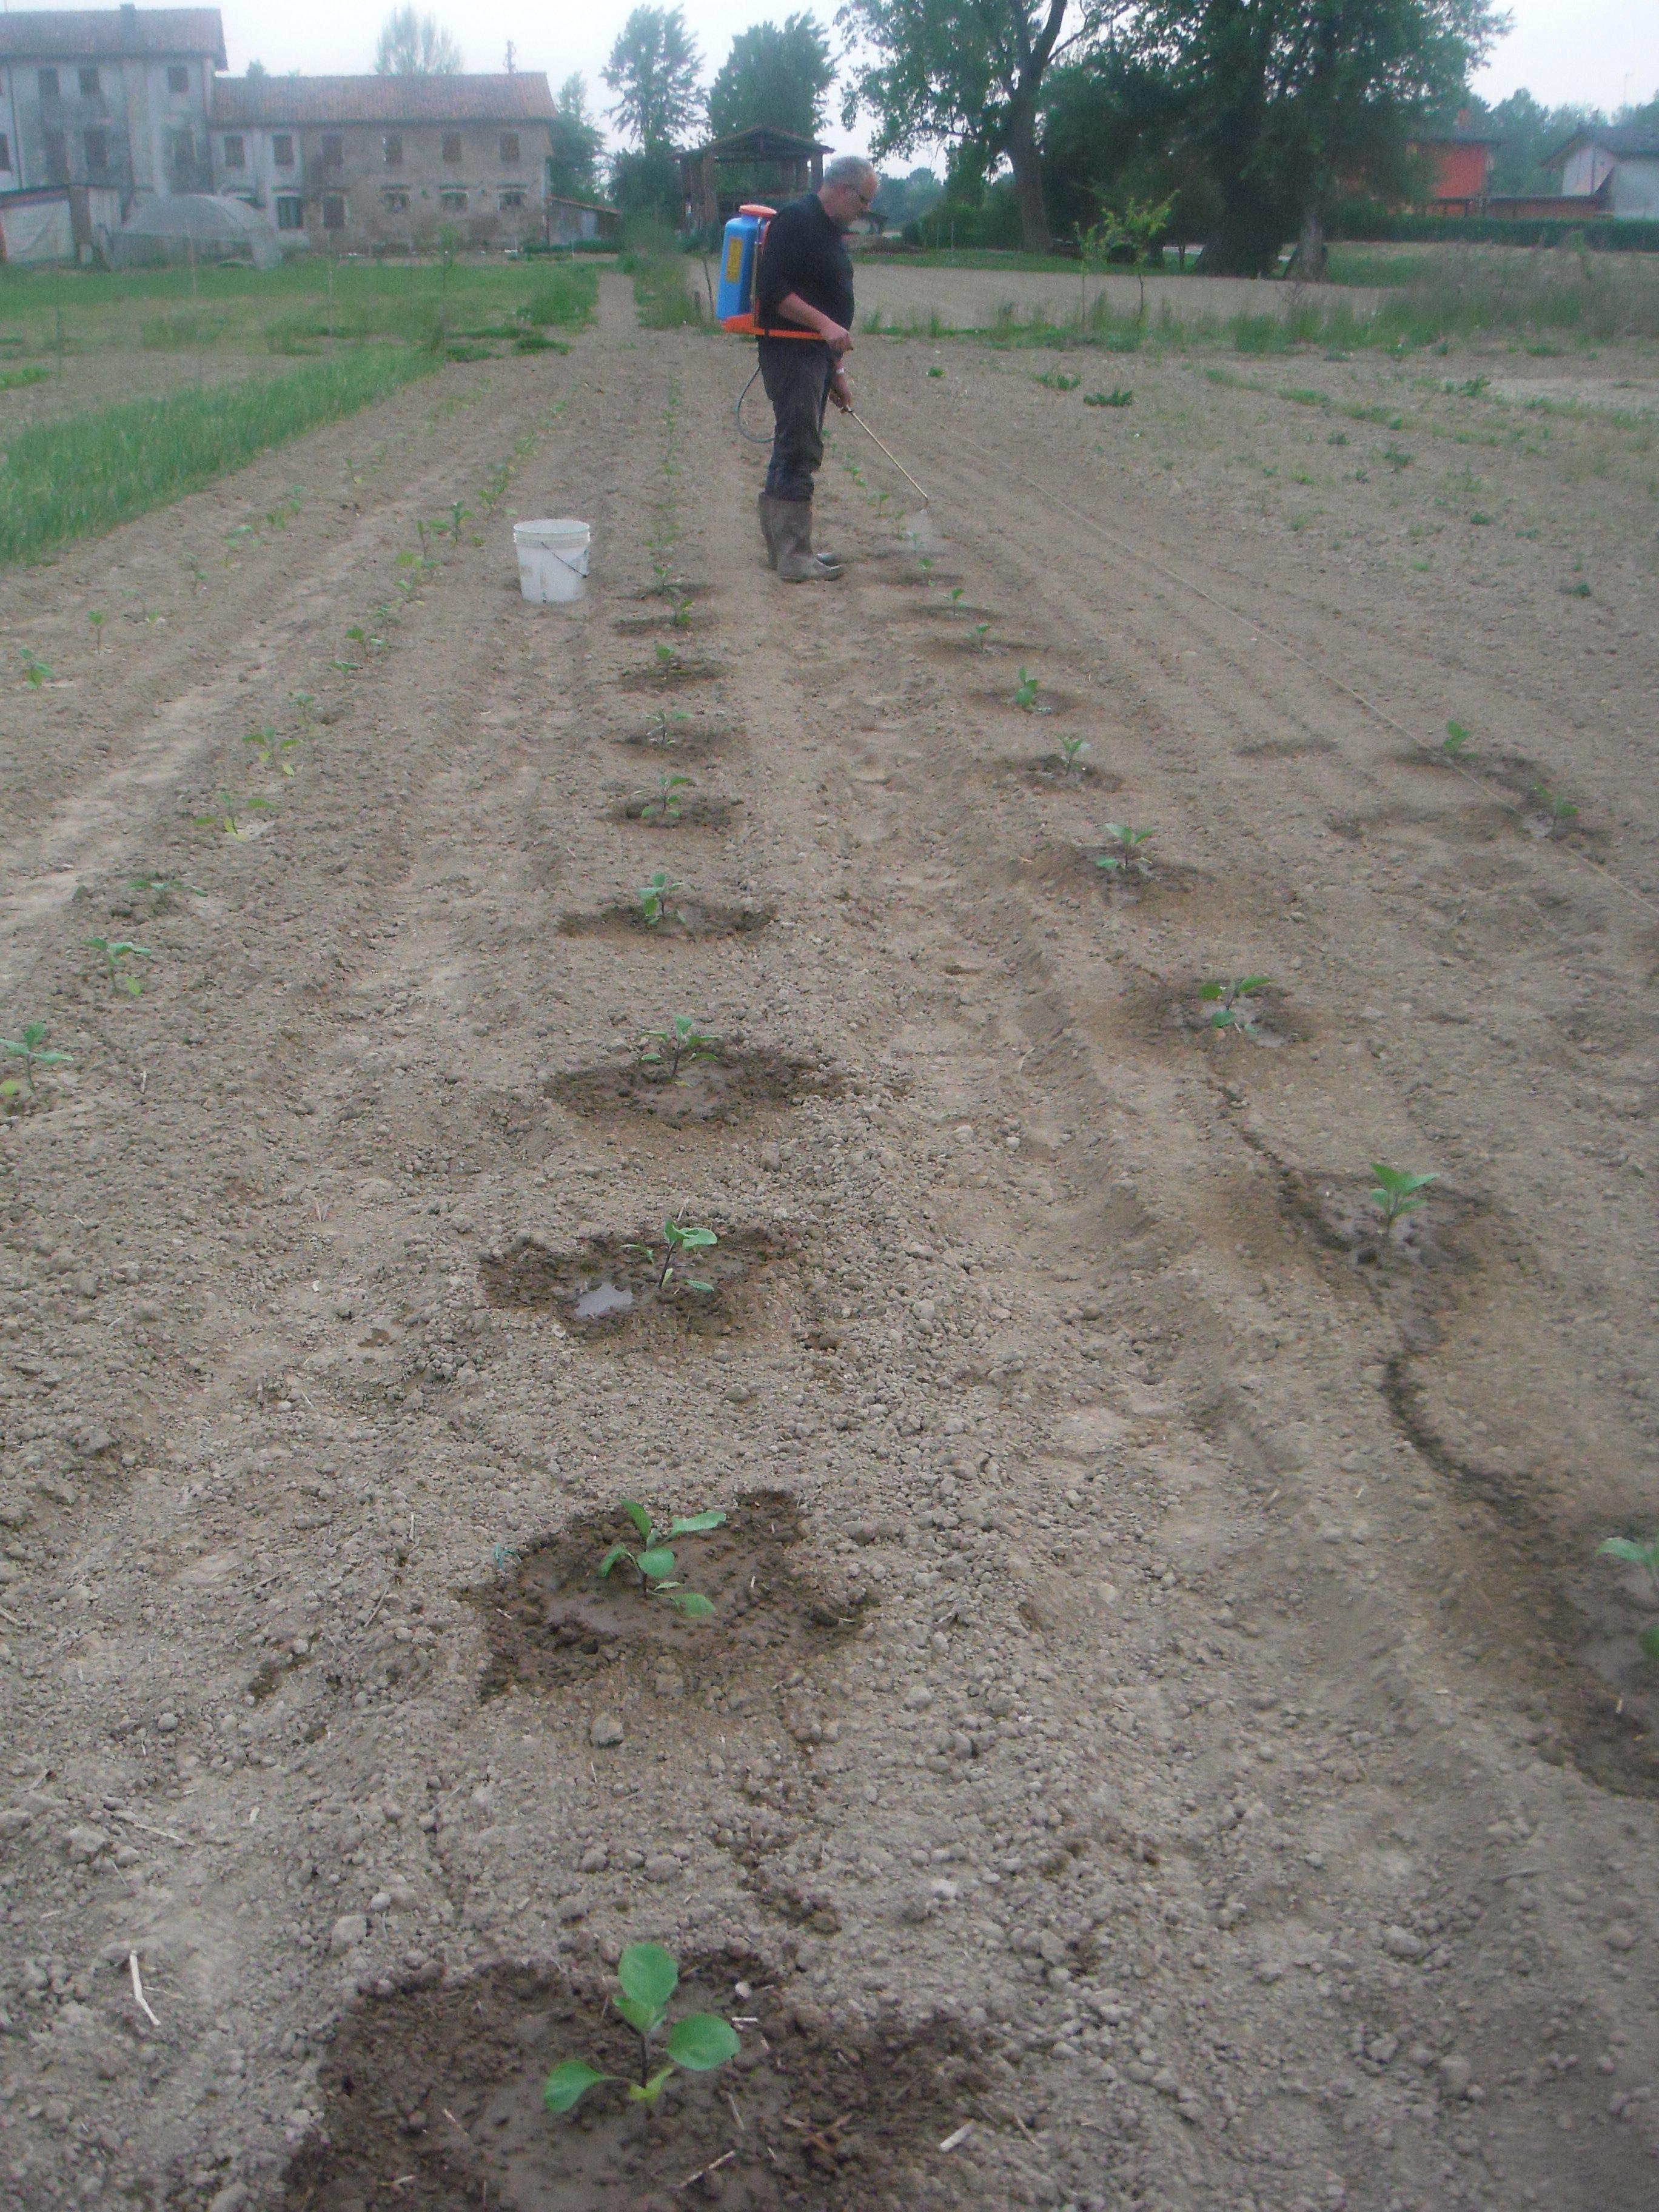 Soc agricola donna gnora galleria soc agricola donna gnora for Semina arachidi